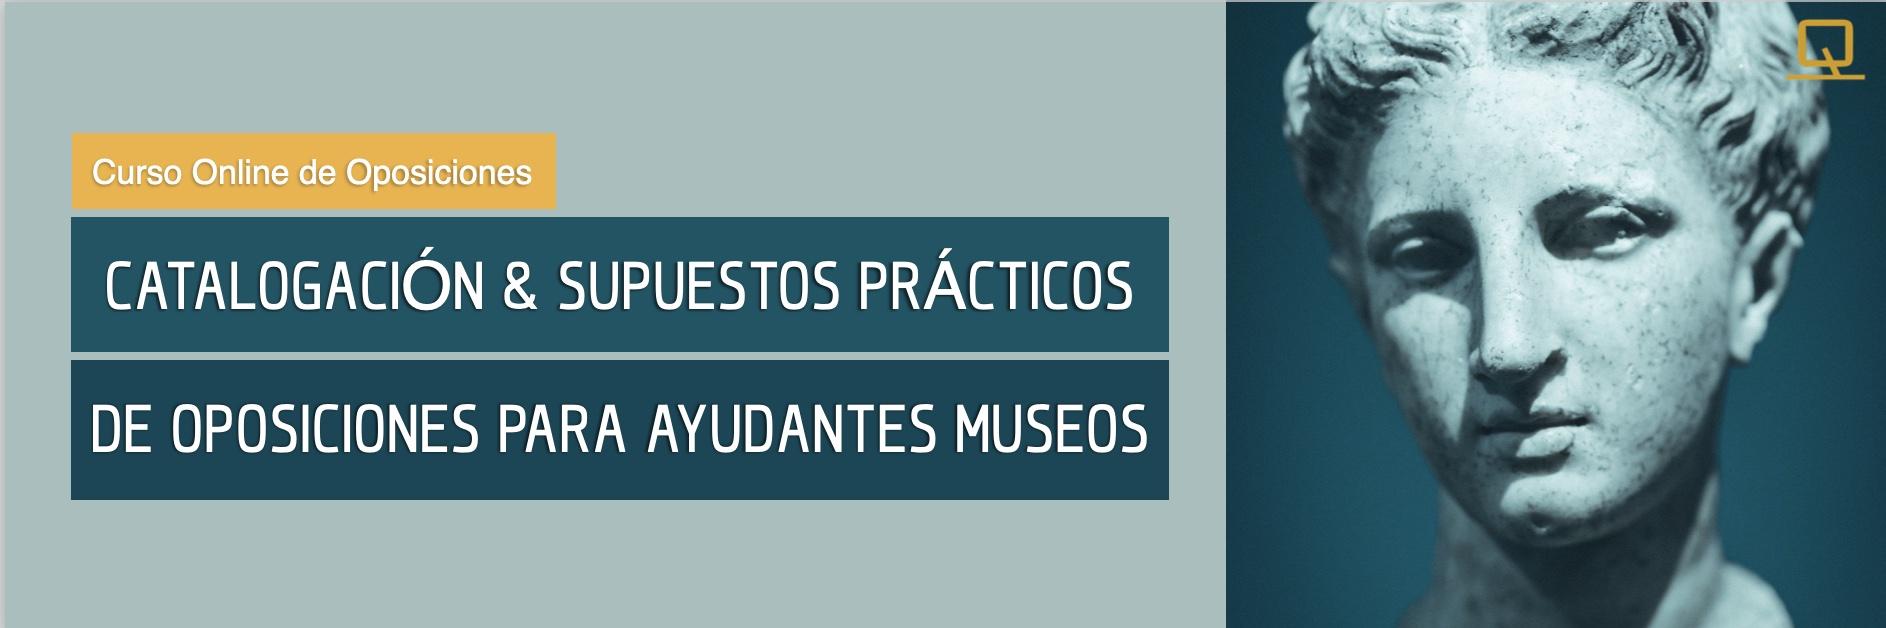 Curso de Catalogación y Supuestos Prácticos de Oposiciones para Ayudantes de Museos